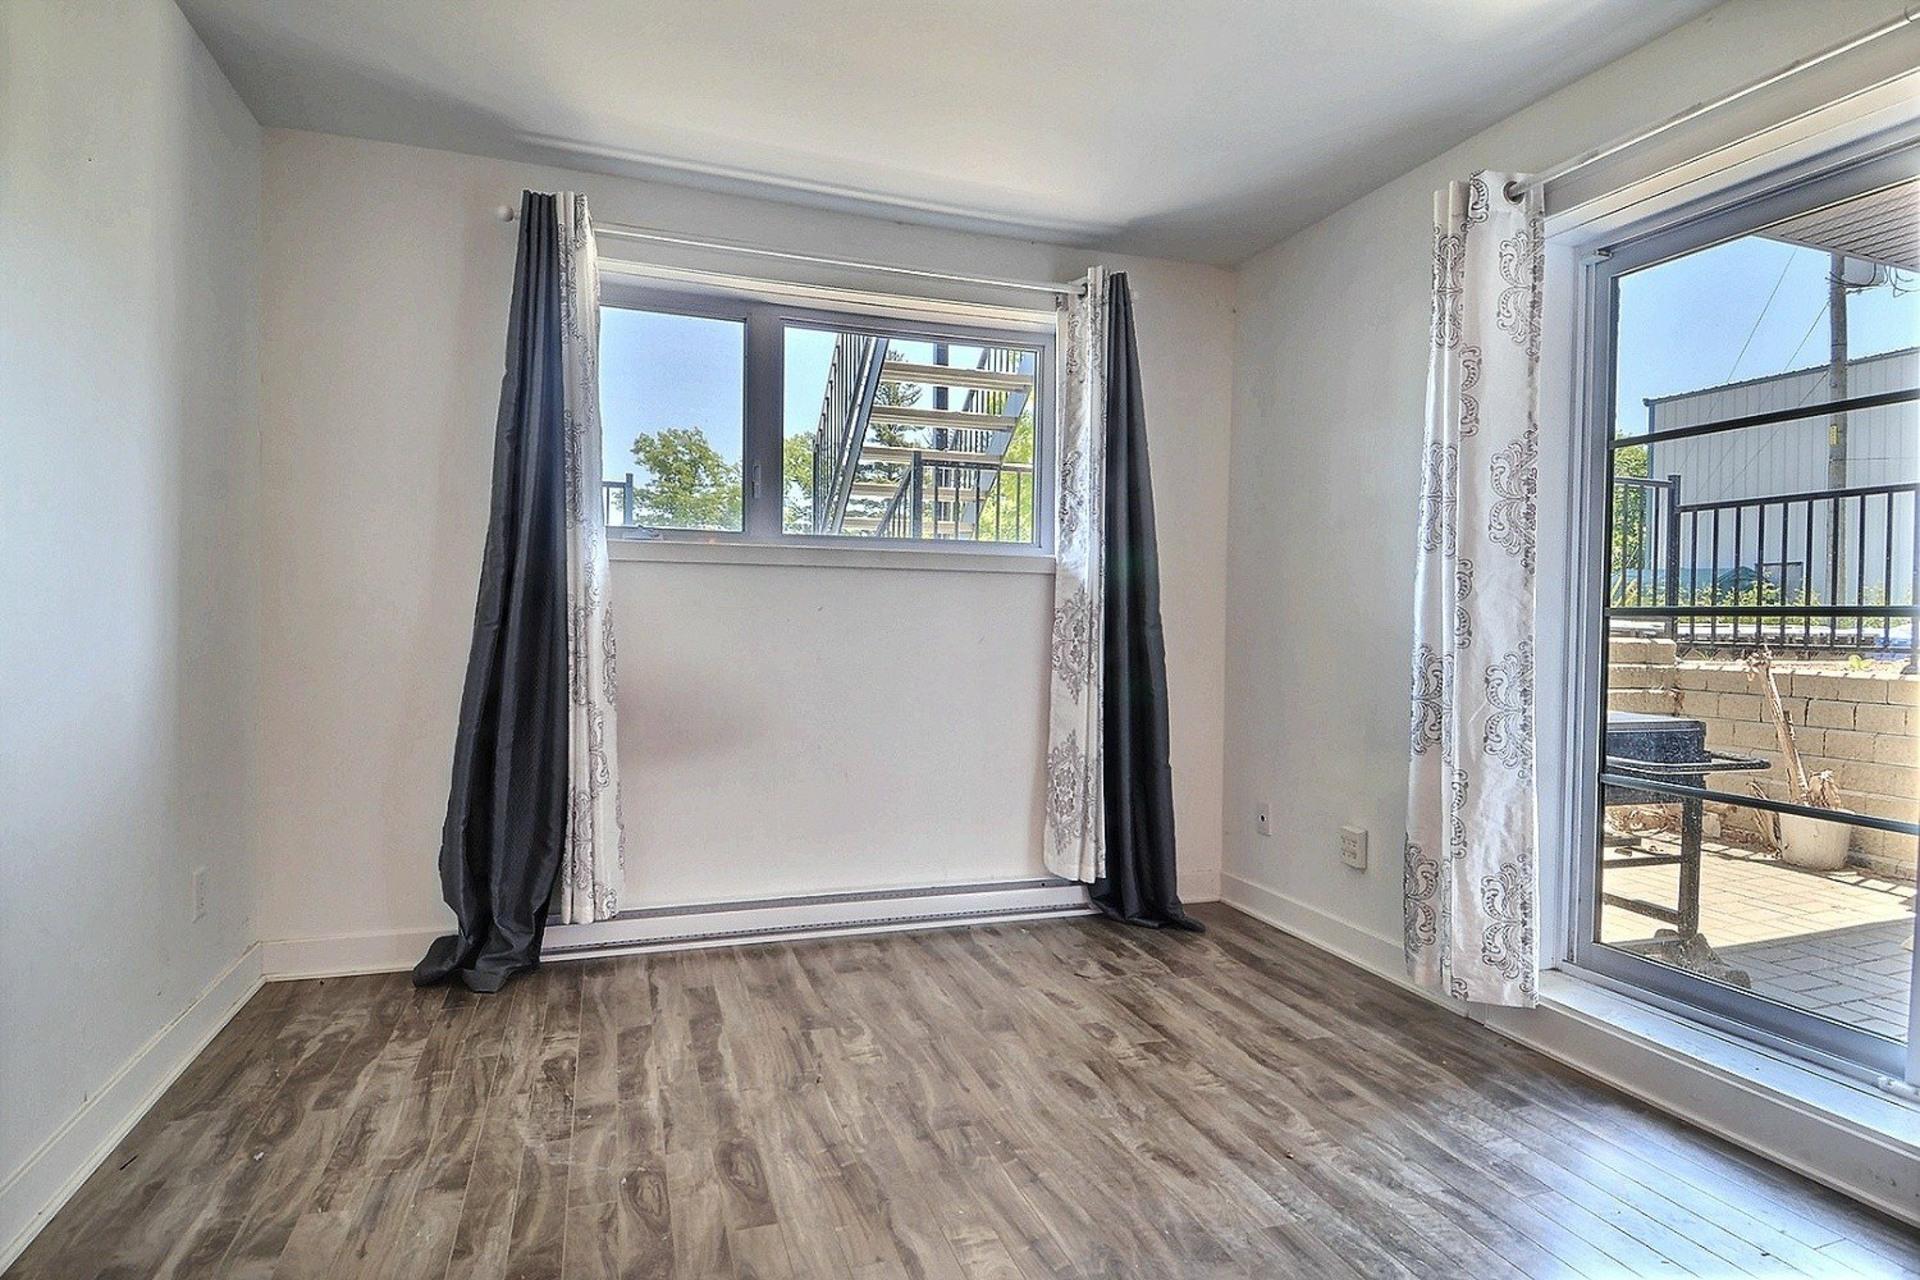 image 5 - Apartment For sale Sainte-Anne-des-Plaines - 4 rooms